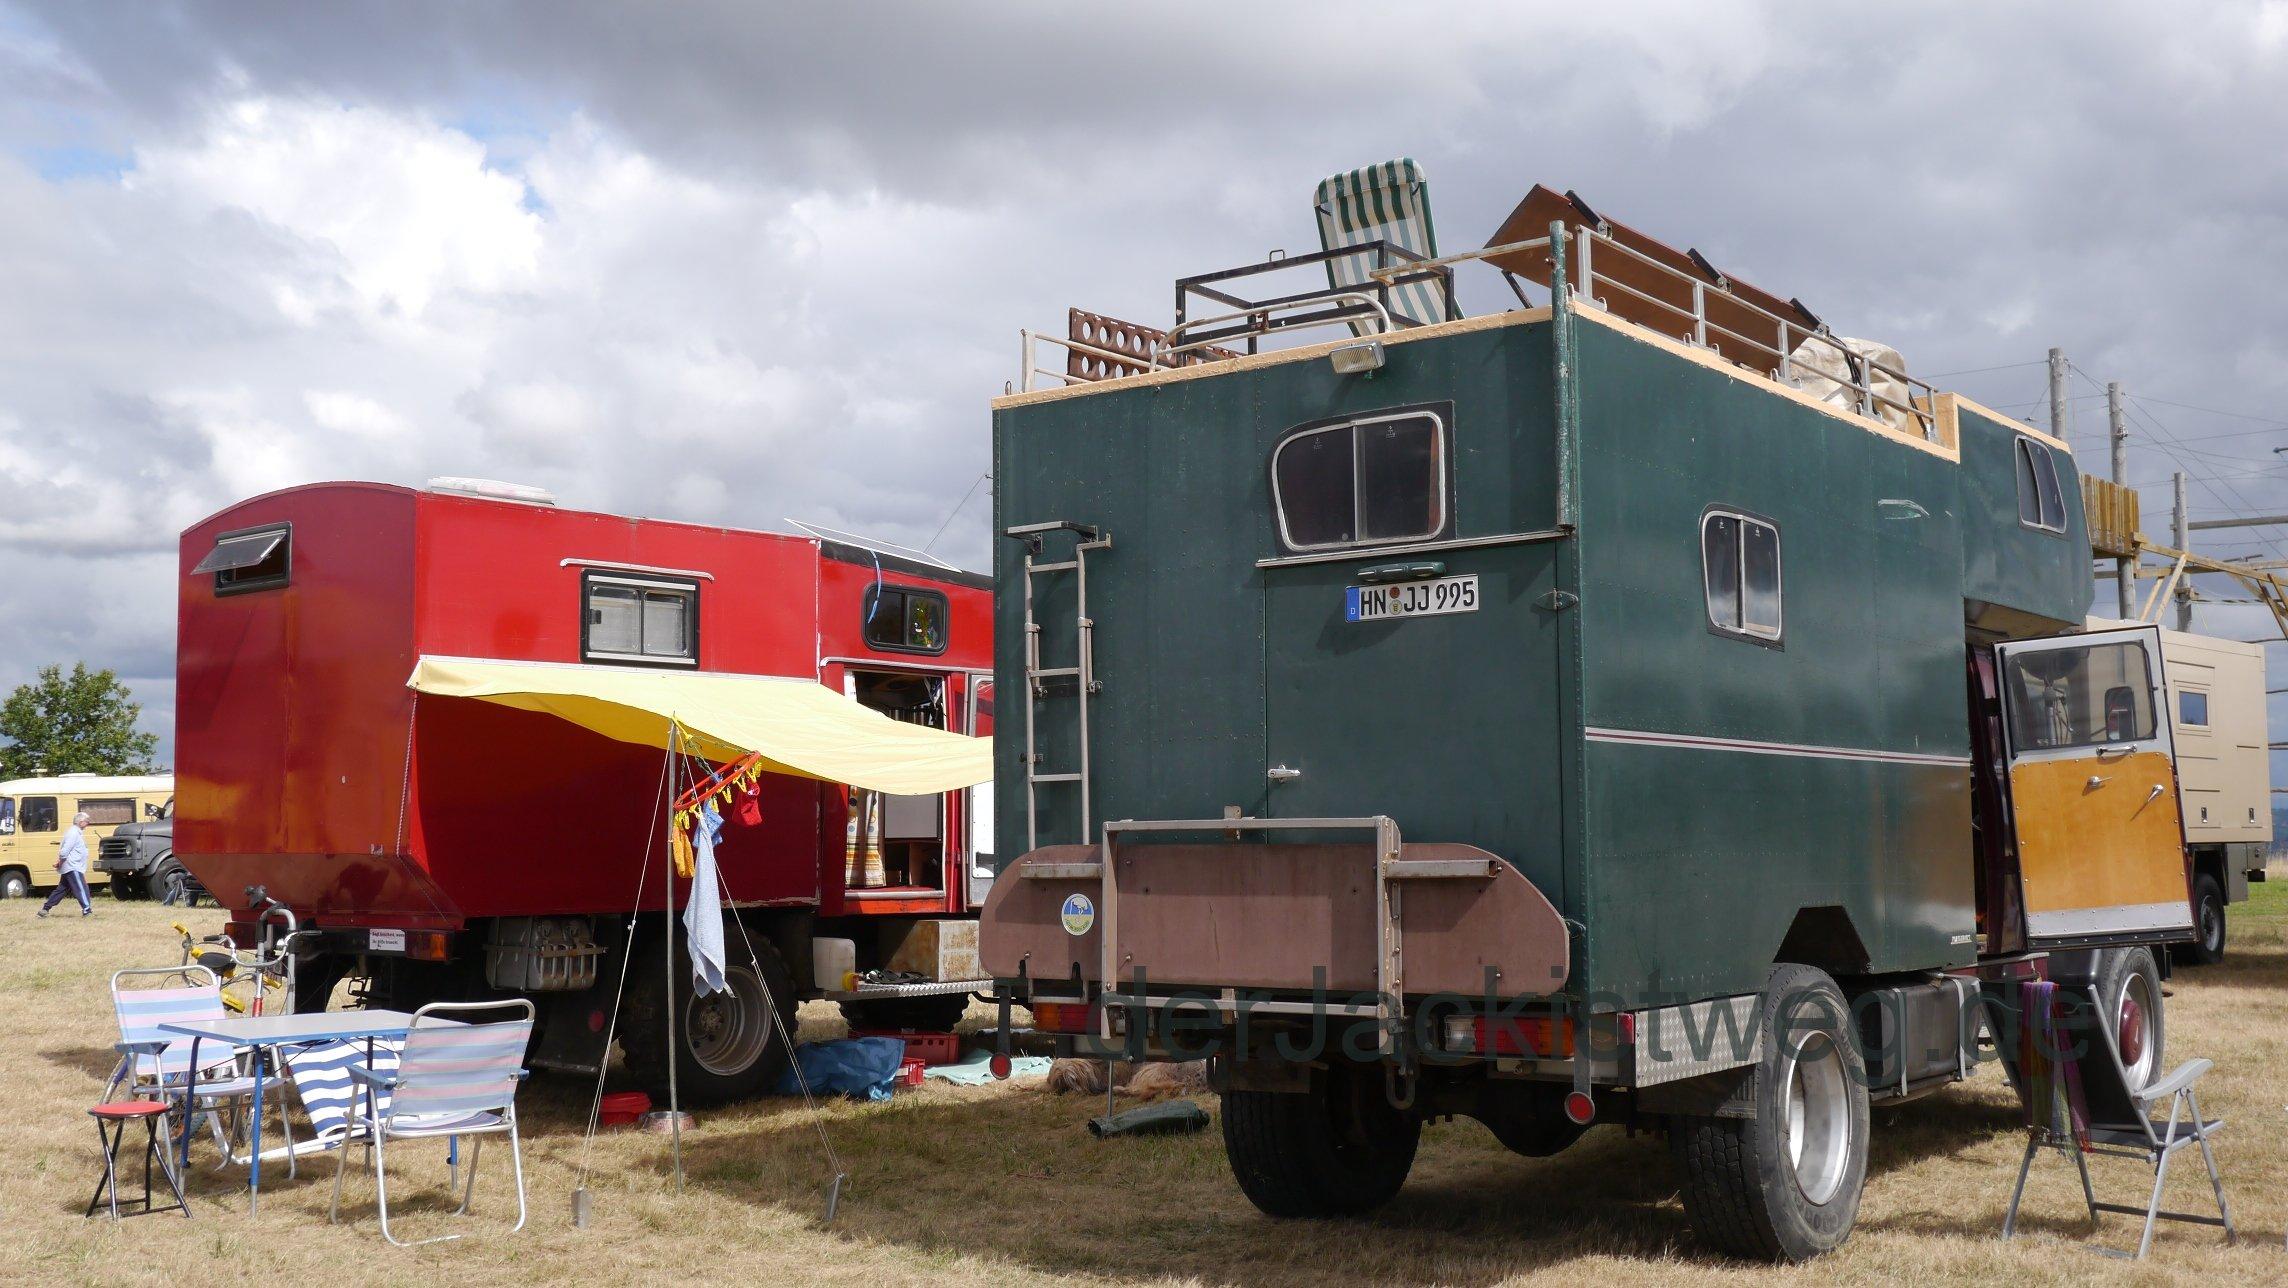 willies-treffen-08_201205